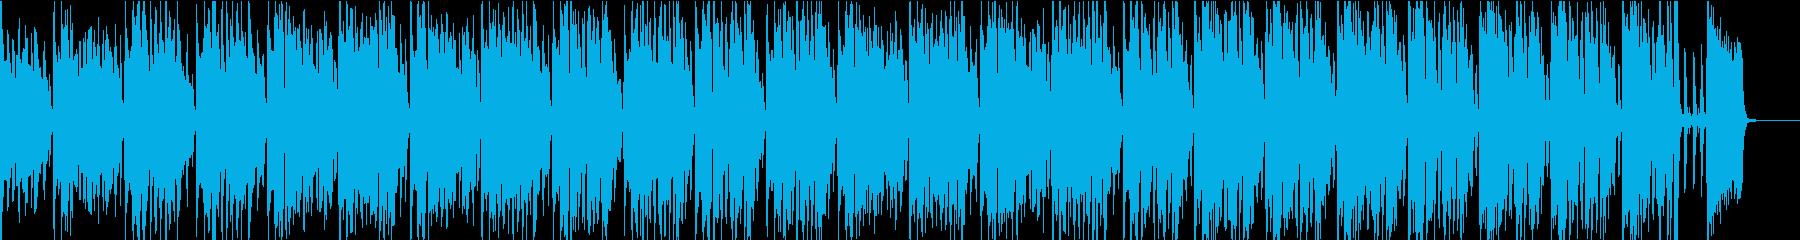 肩の力が抜ける軽快ビッグバンドの再生済みの波形